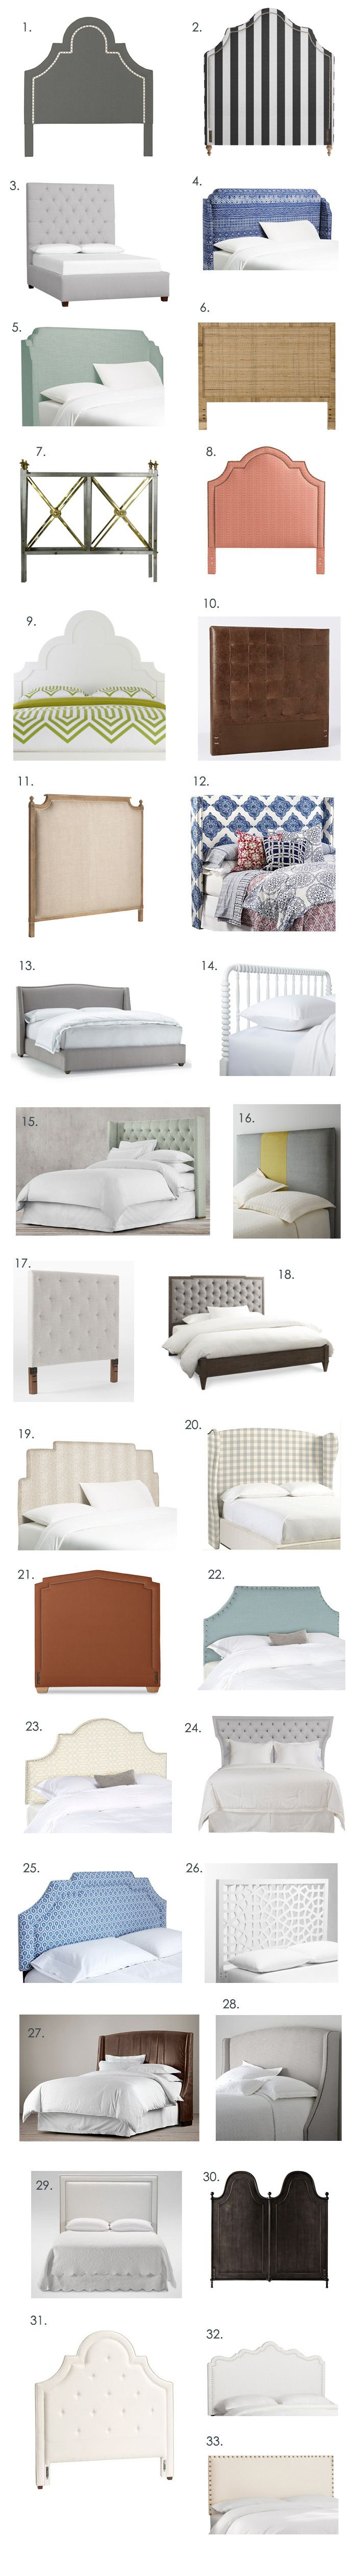 Top 25 best bed backboard ideas on pinterest white for Bed backboard designs